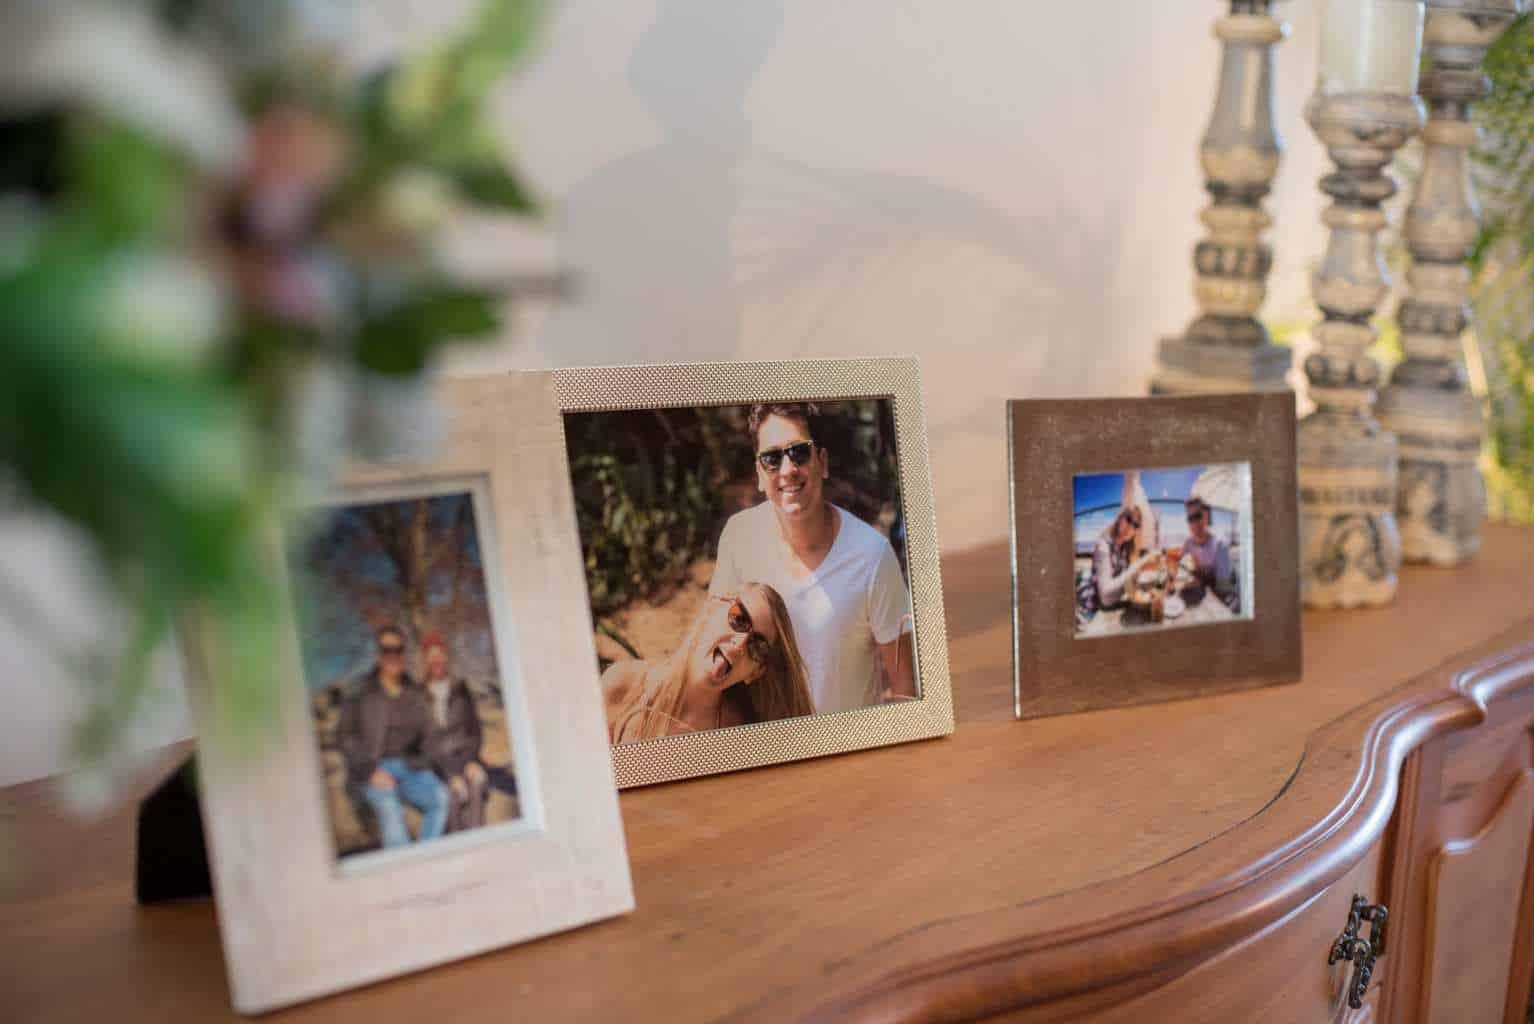 casamento-de-dia-casamento-Nicole-e-Thales-casamento-no-jardim-csasamento-ao-ar-livre-Fotografia-Marina-Fava-Galeria-Jardim-Rio-de-Janeiro-44